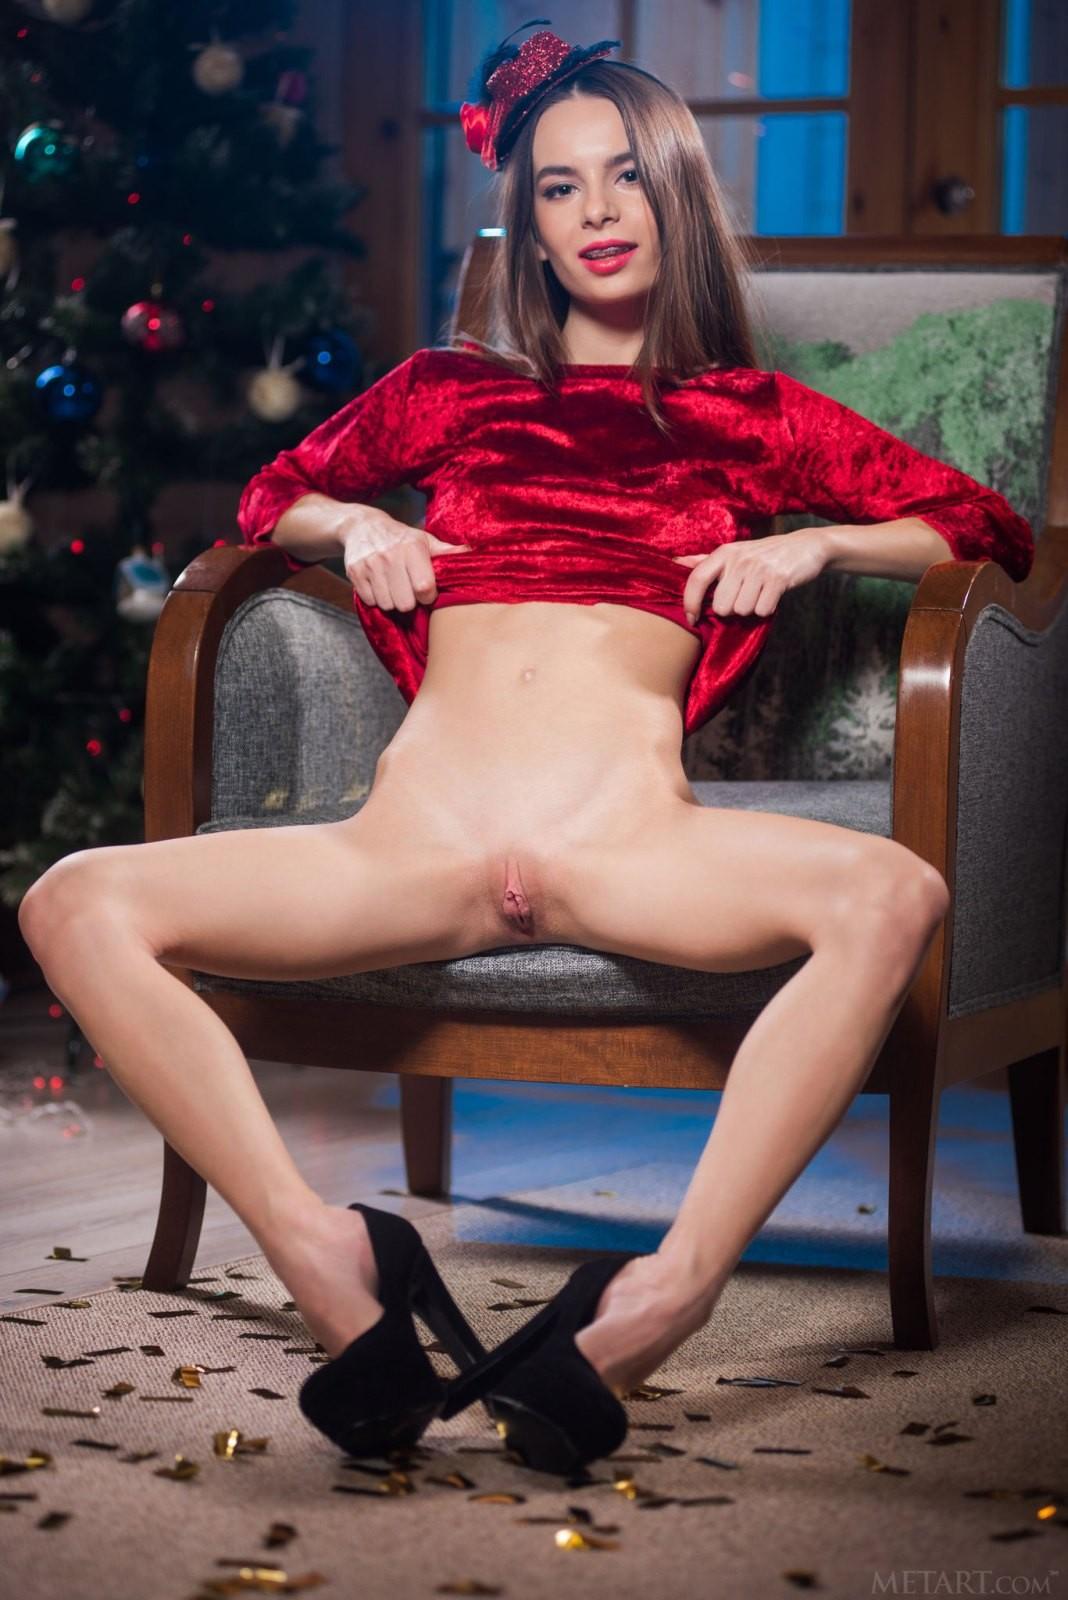 Новогодняя сказка с обнажённой феей - фото